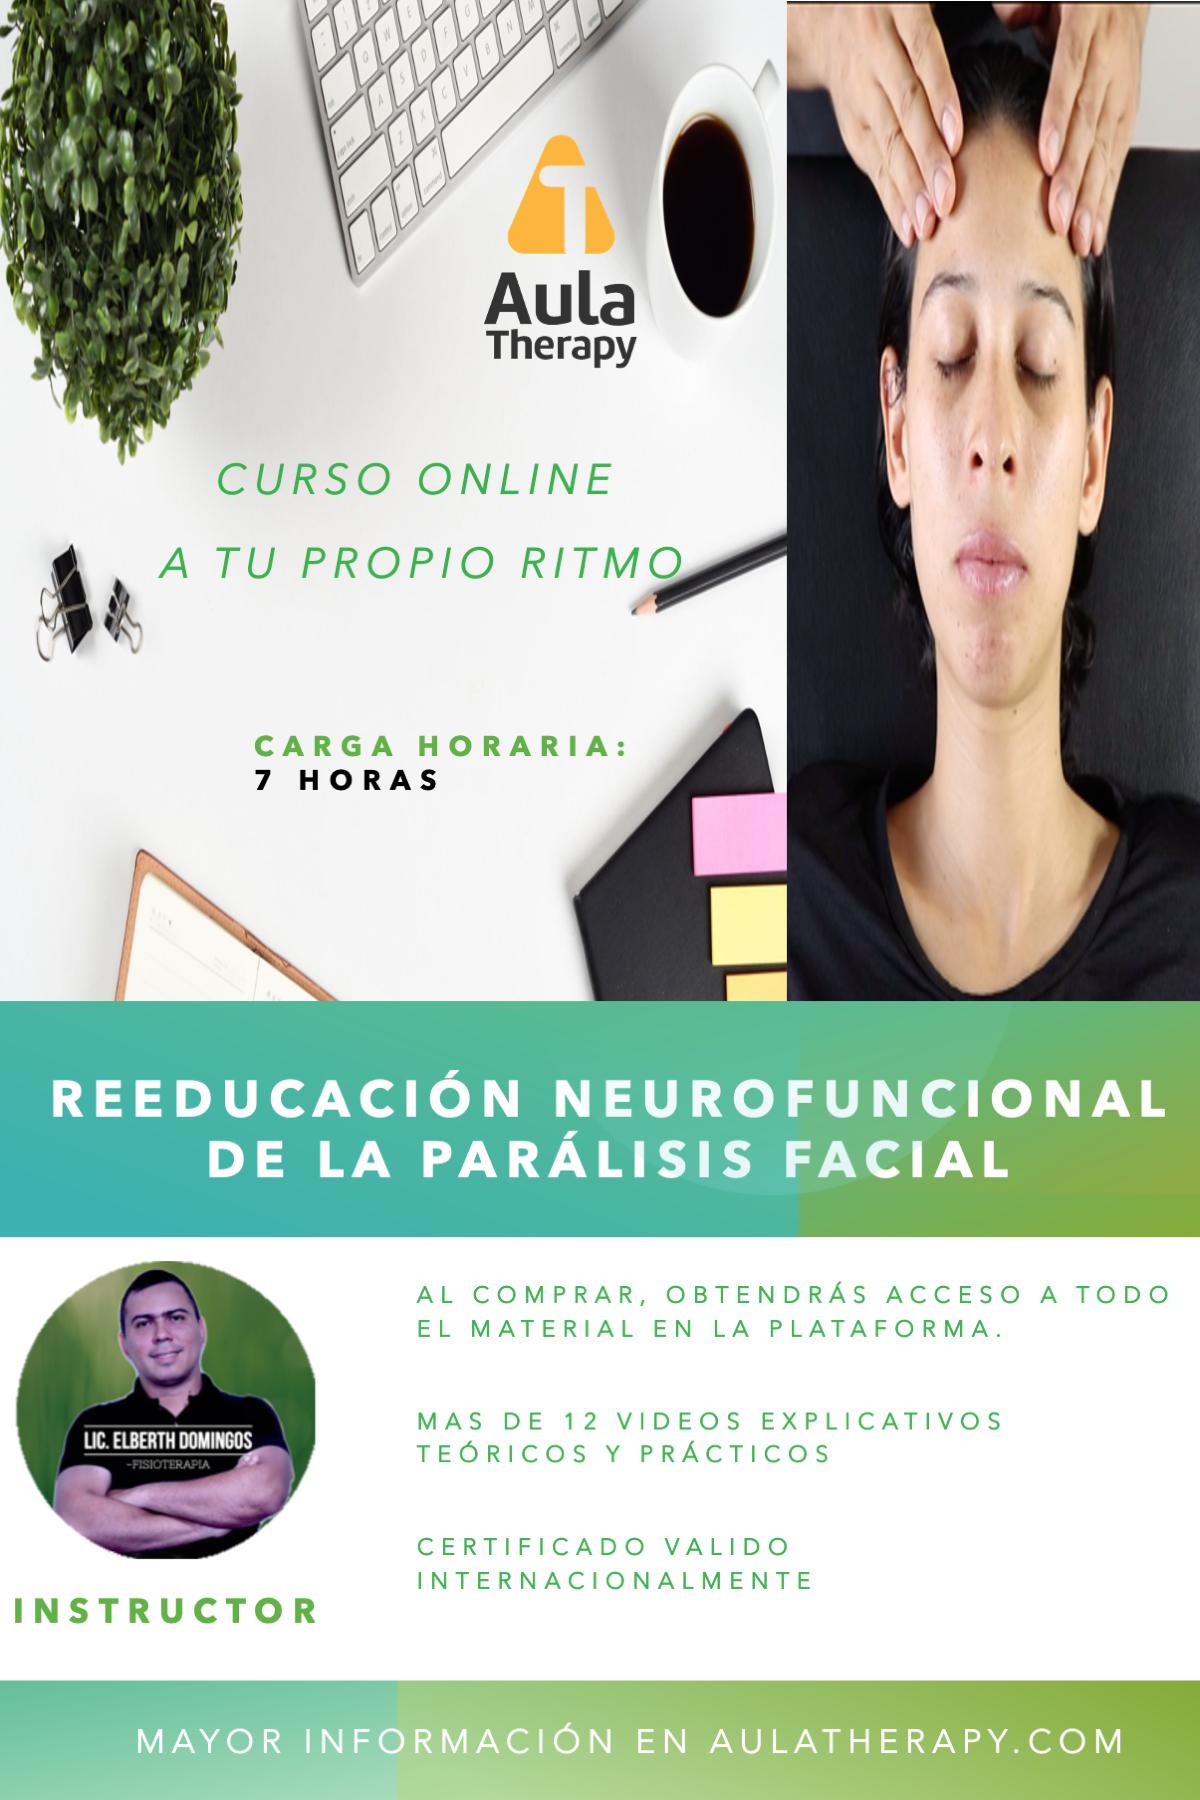 Curso De Rehabilitacion Neurofuncional De La Paralisis Facial